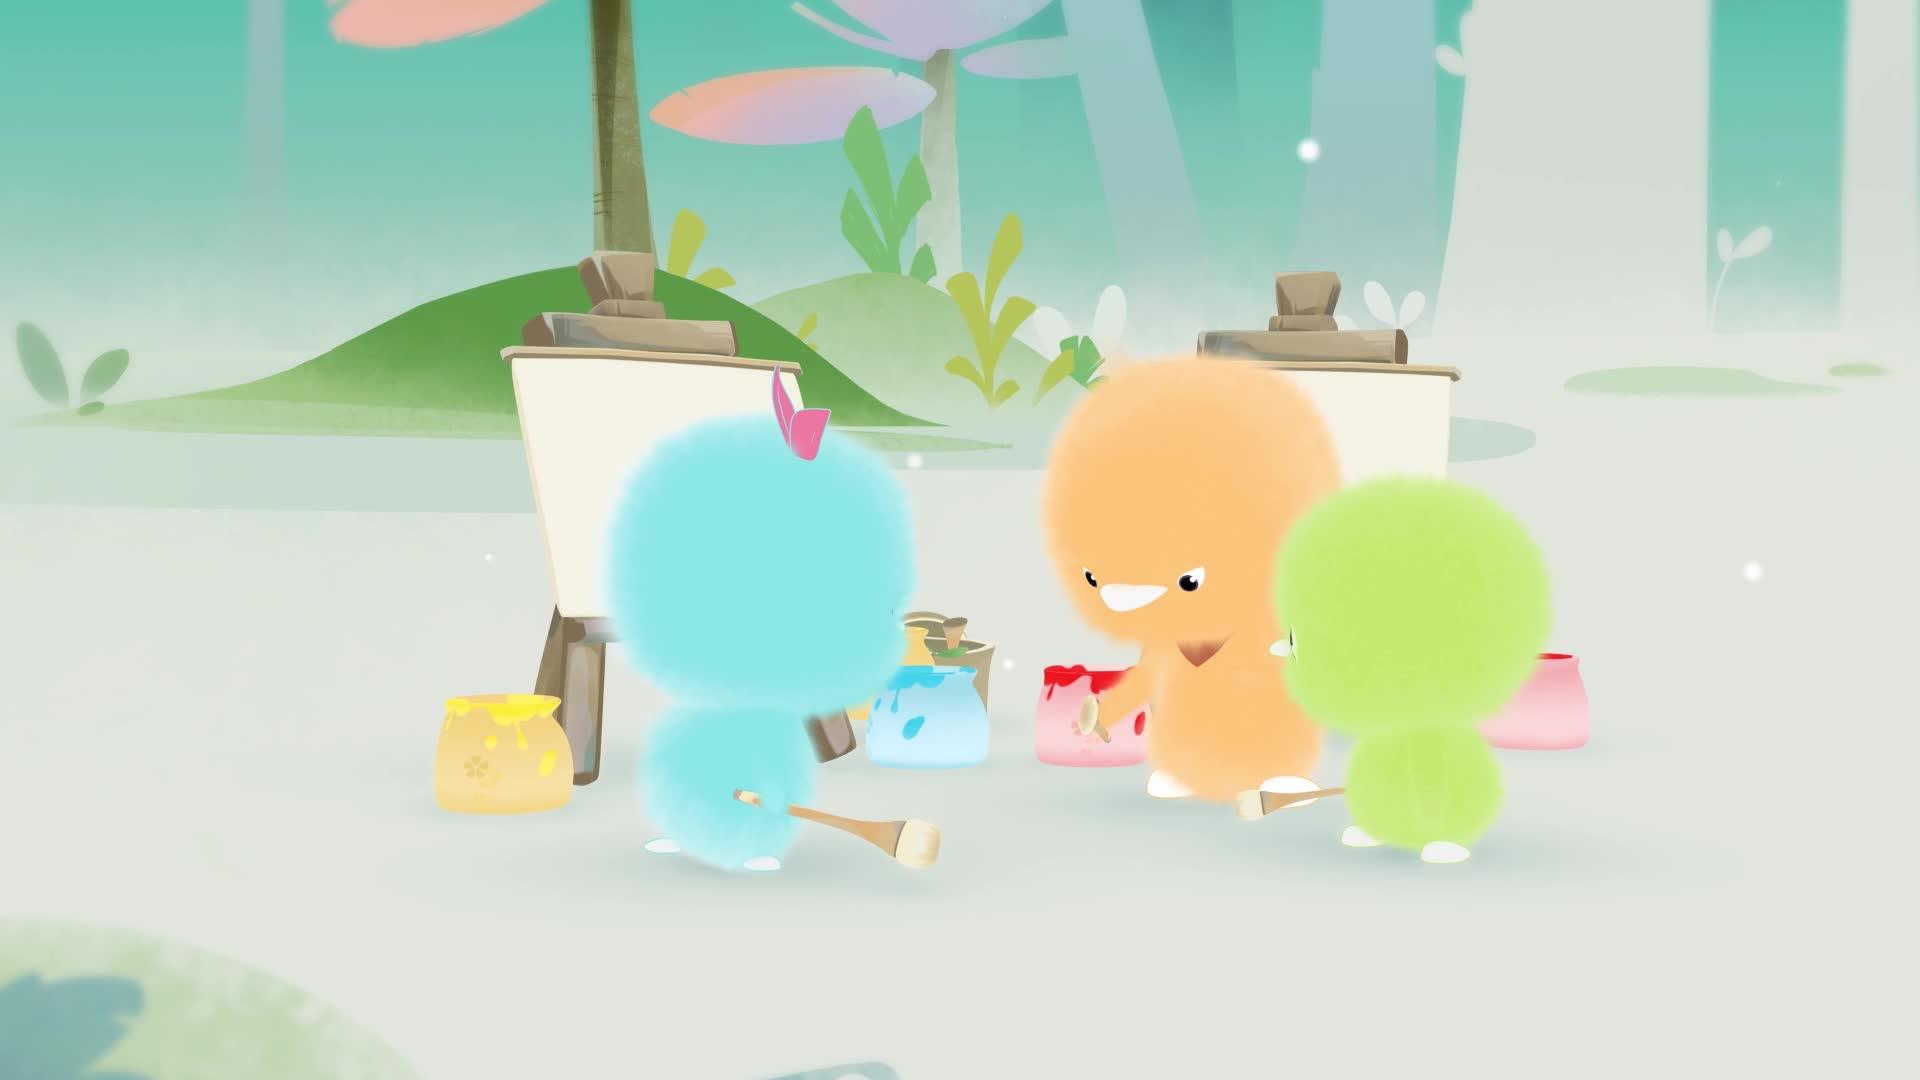 《小鸡彩虹》 第五季 23画画真有趣